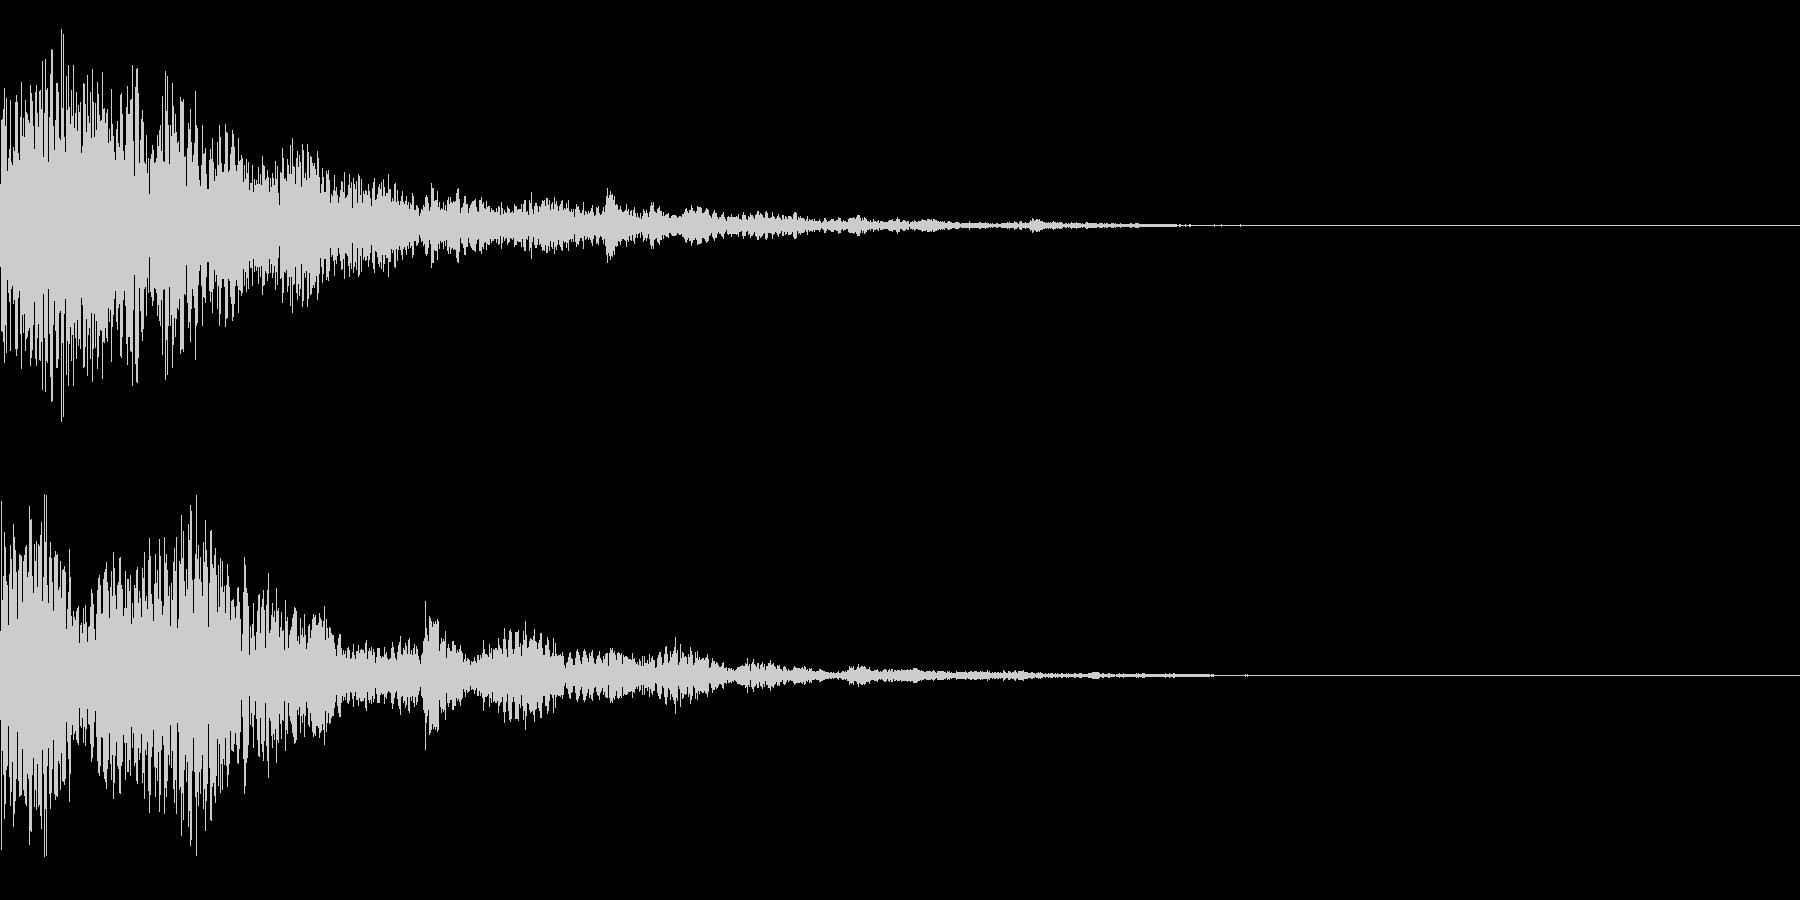 システム音35_Jの未再生の波形